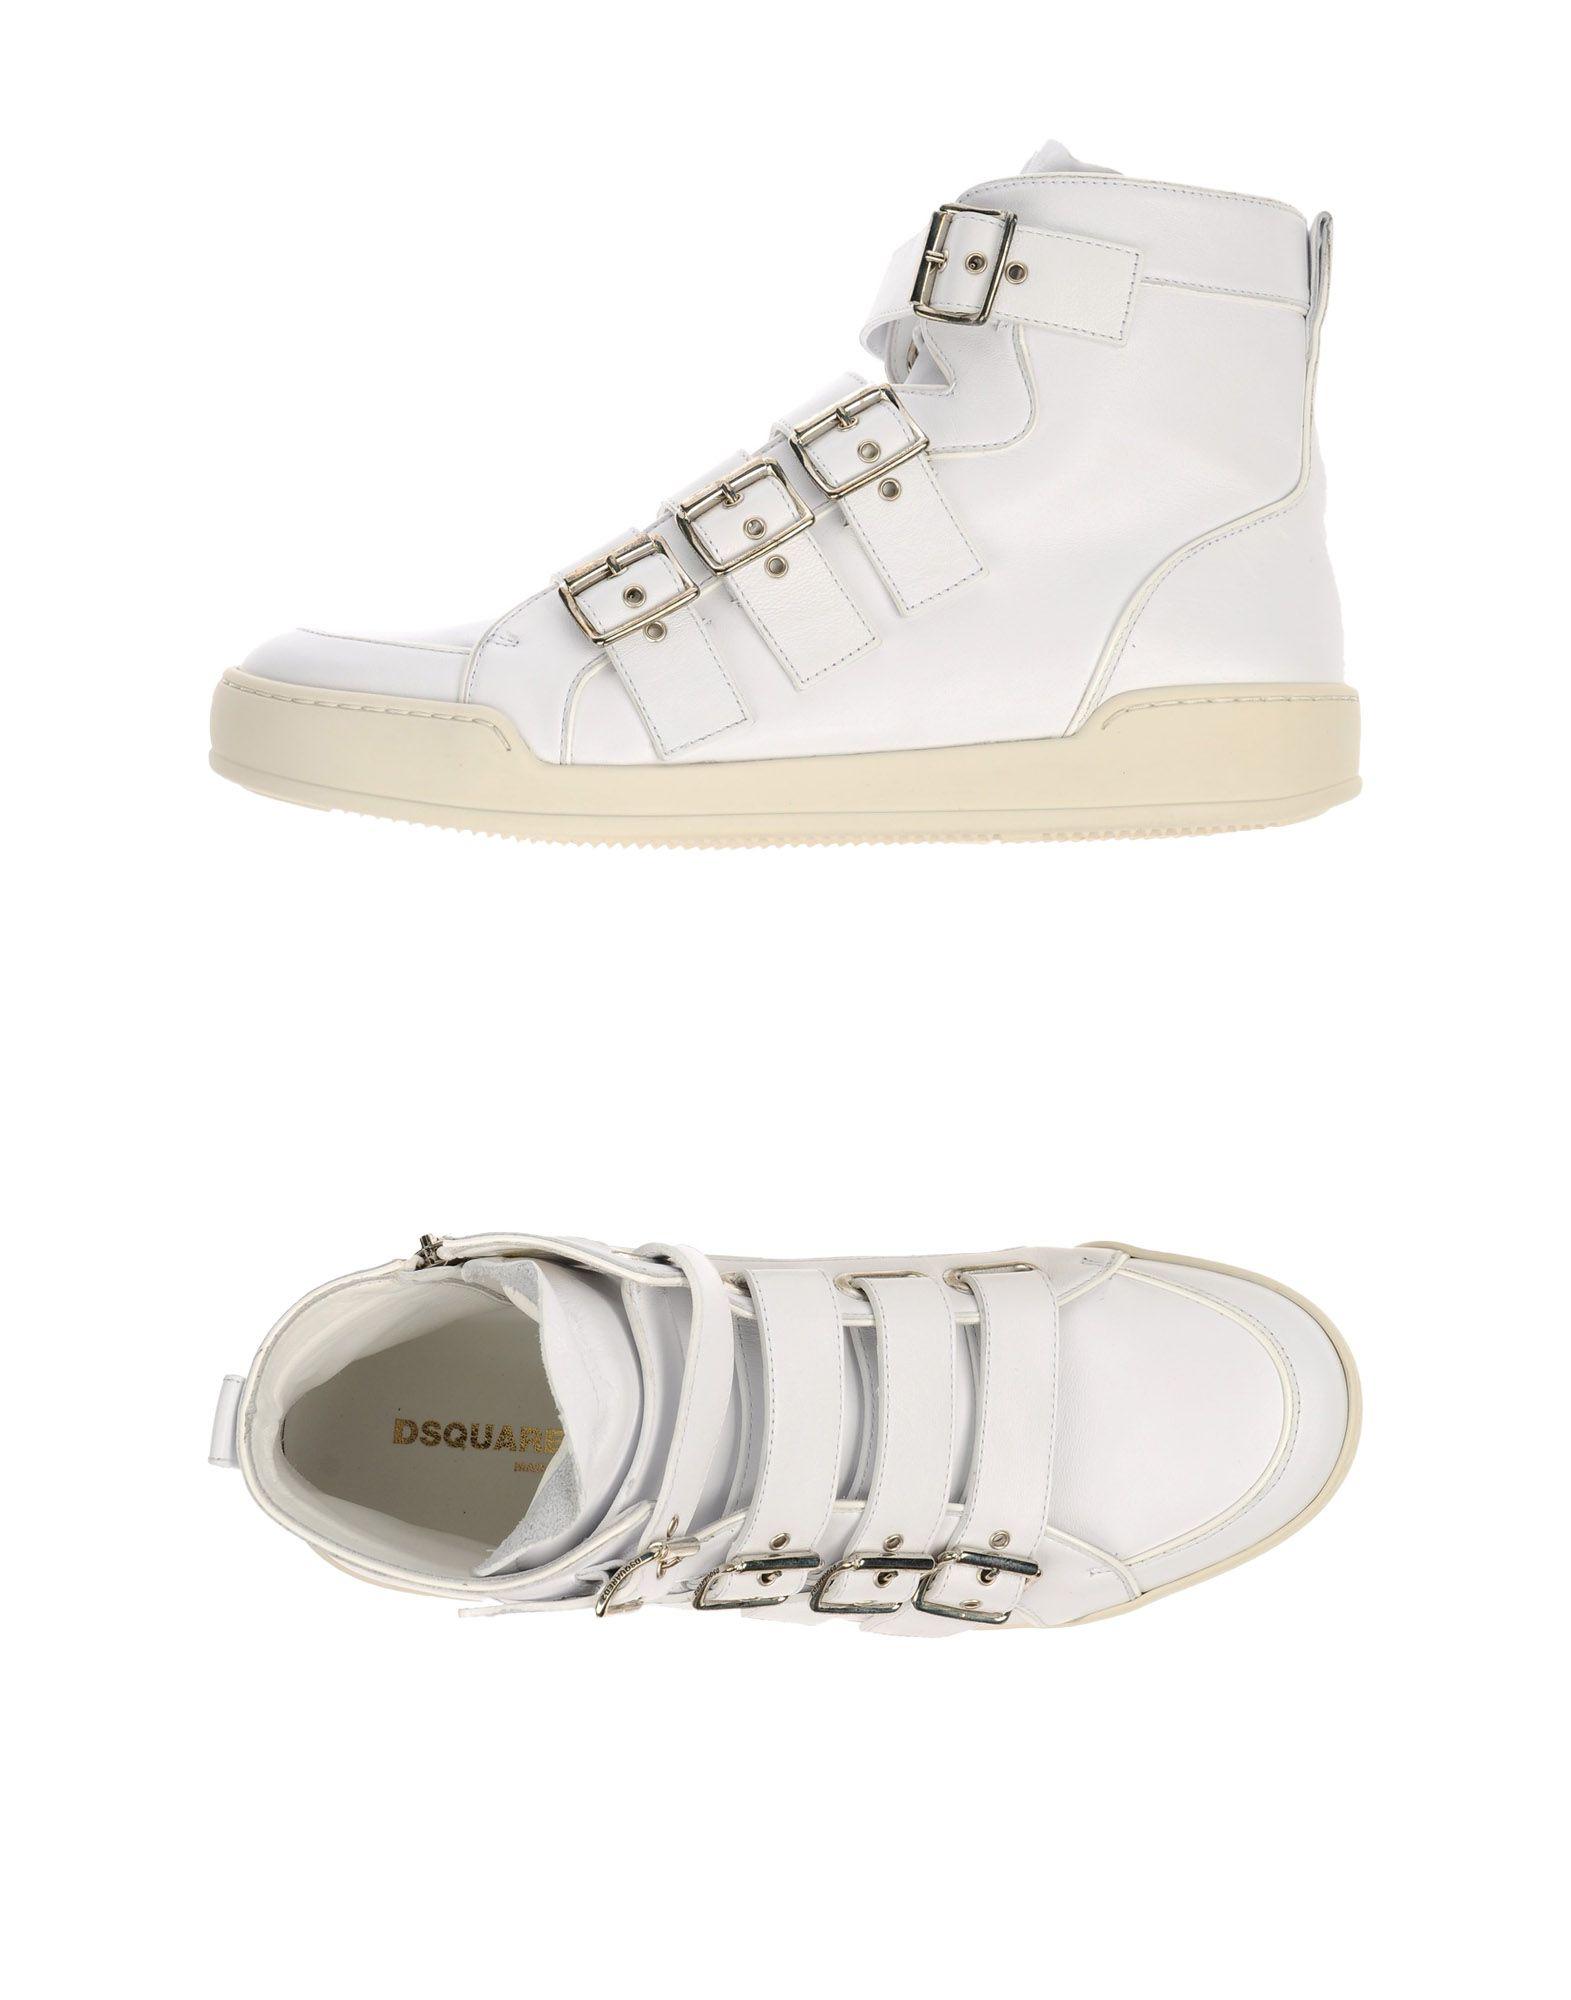 Dsquared2 Sneakers Herren  Schuhe 44935370AU Gute Qualität beliebte Schuhe  4196ca